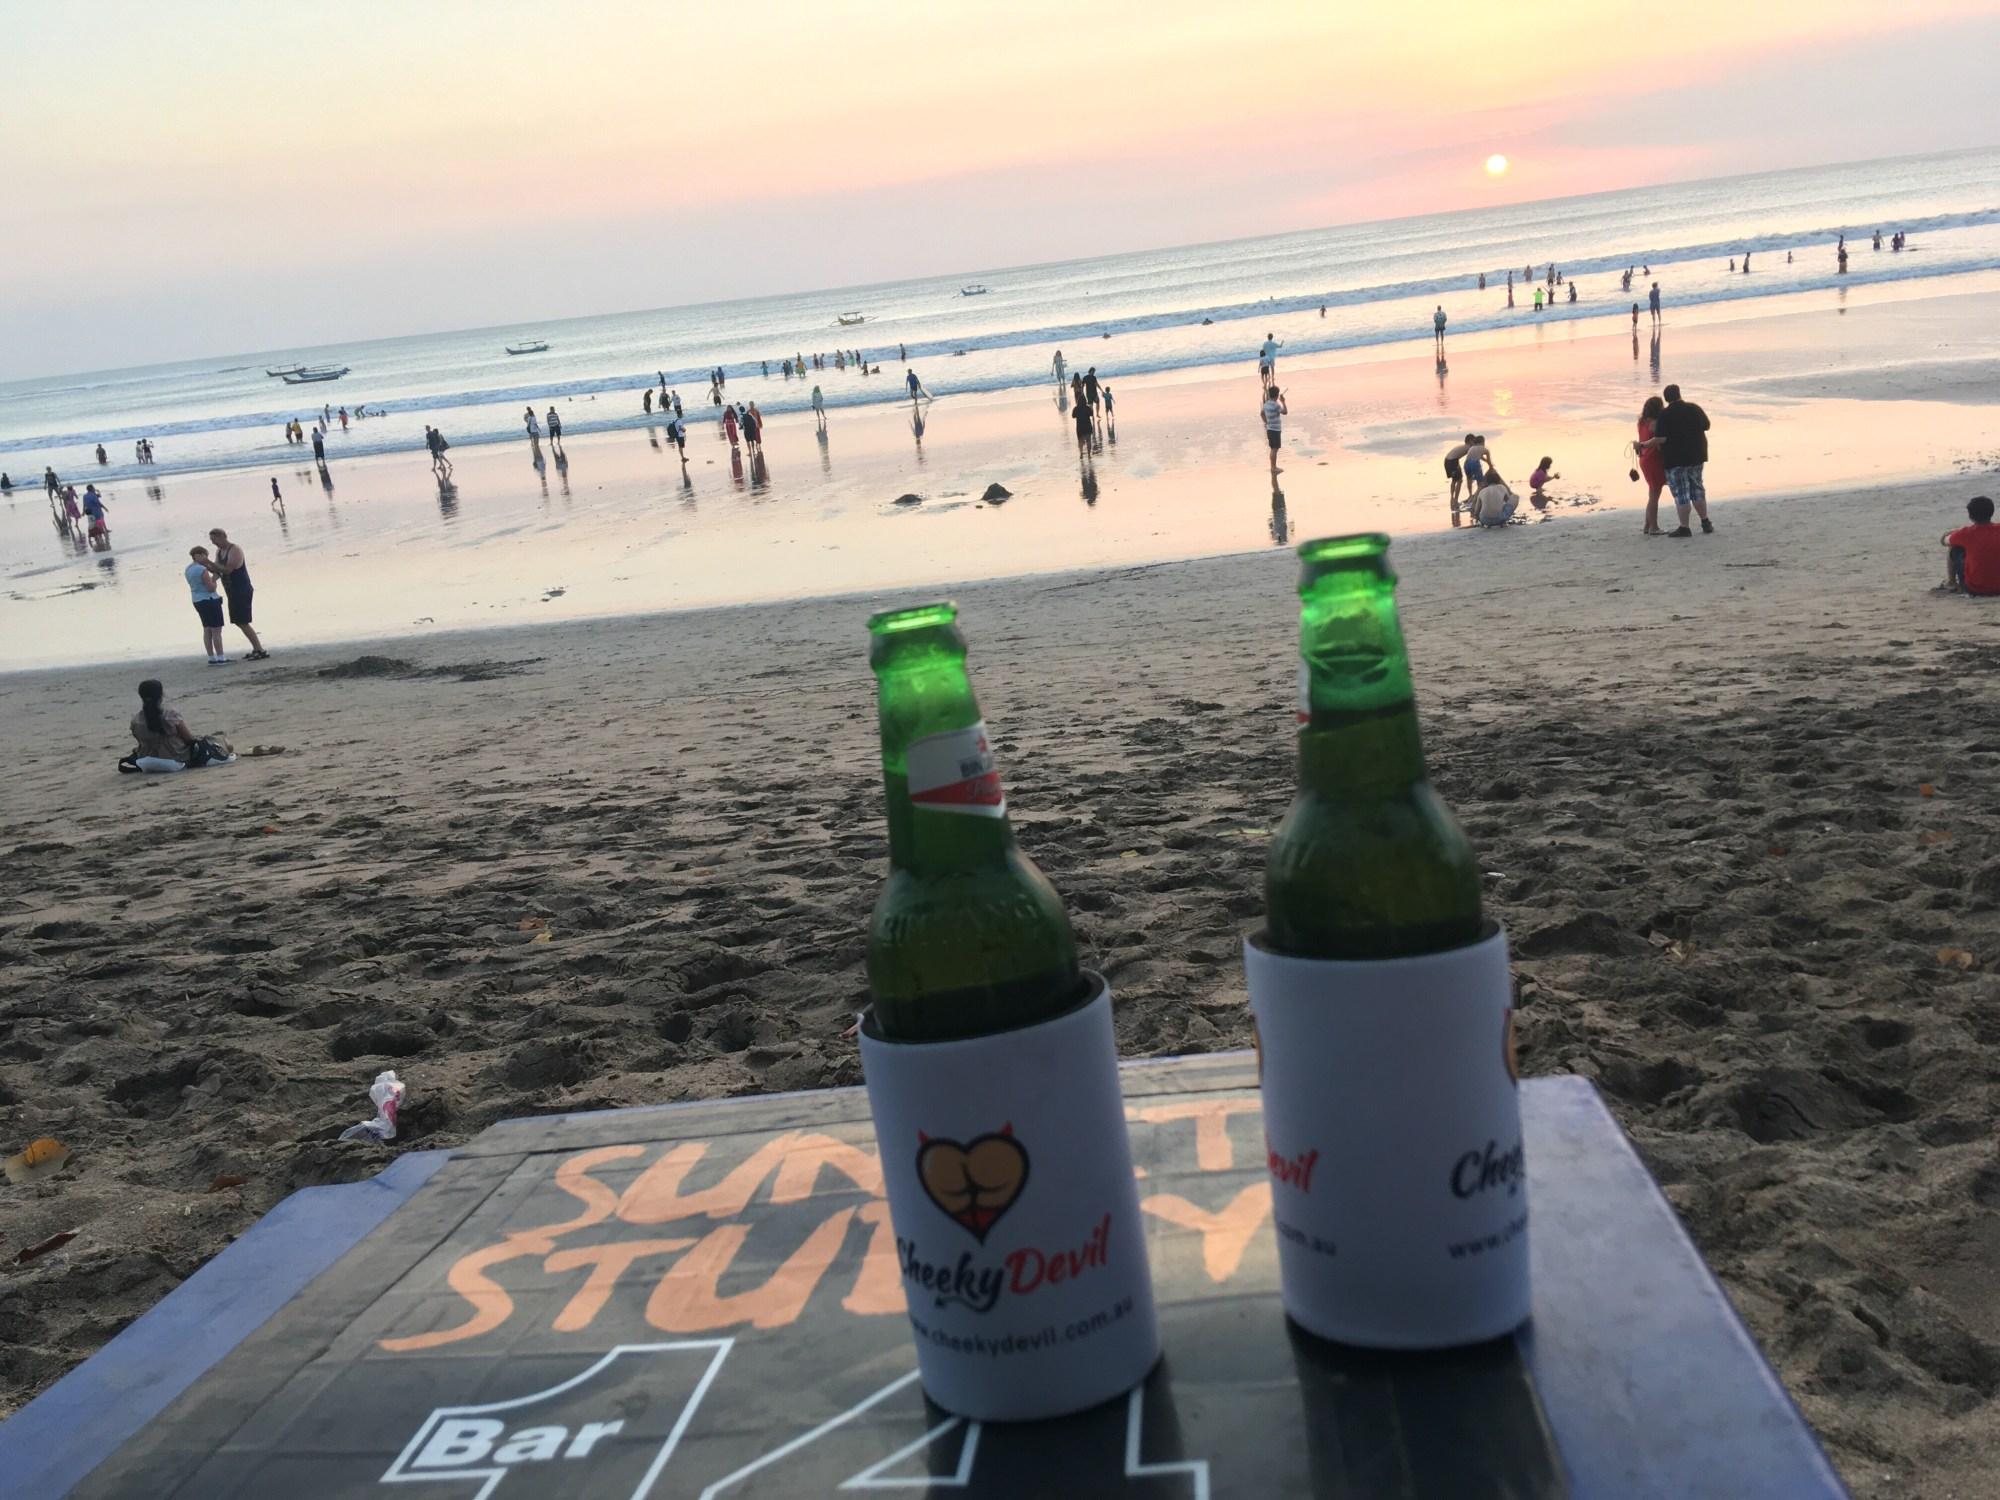 Beer in Bali